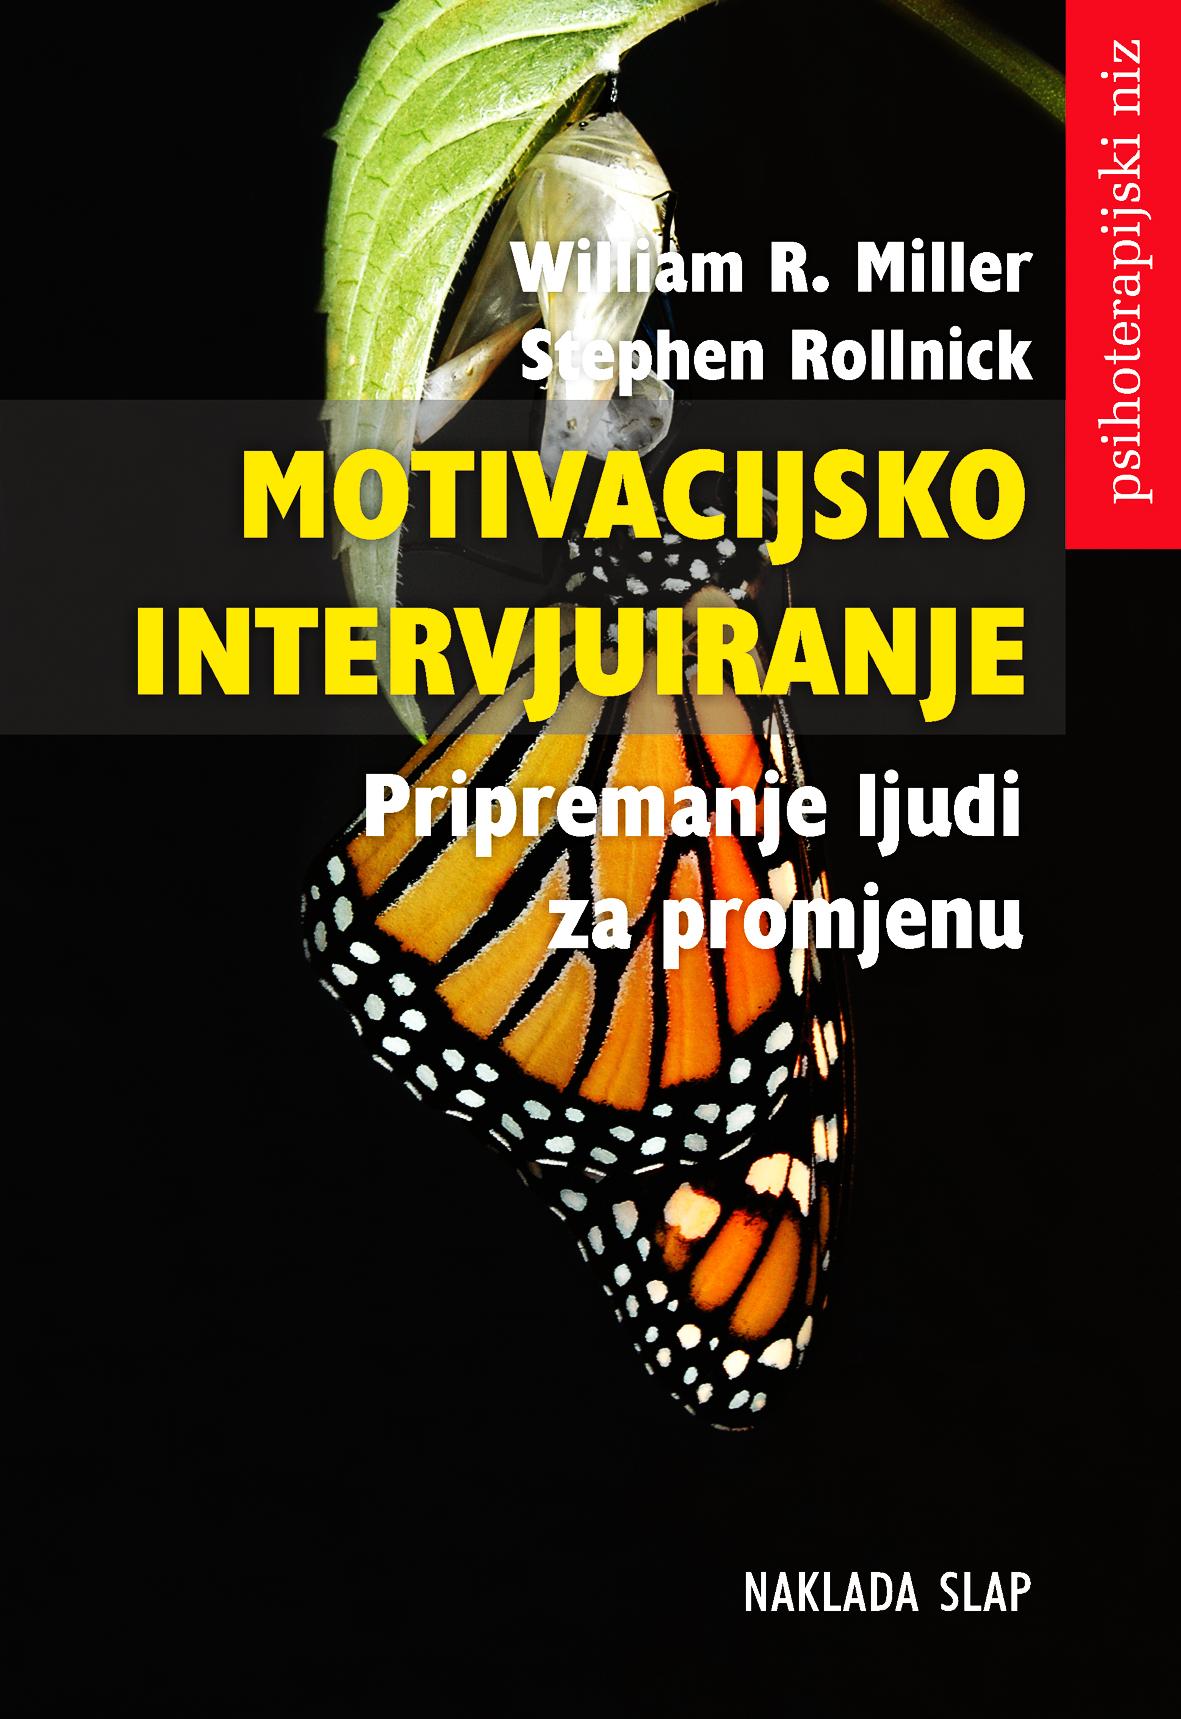 MOTIVACIJSKO INTERVJUIRANJE - Naruči svoju knjigu